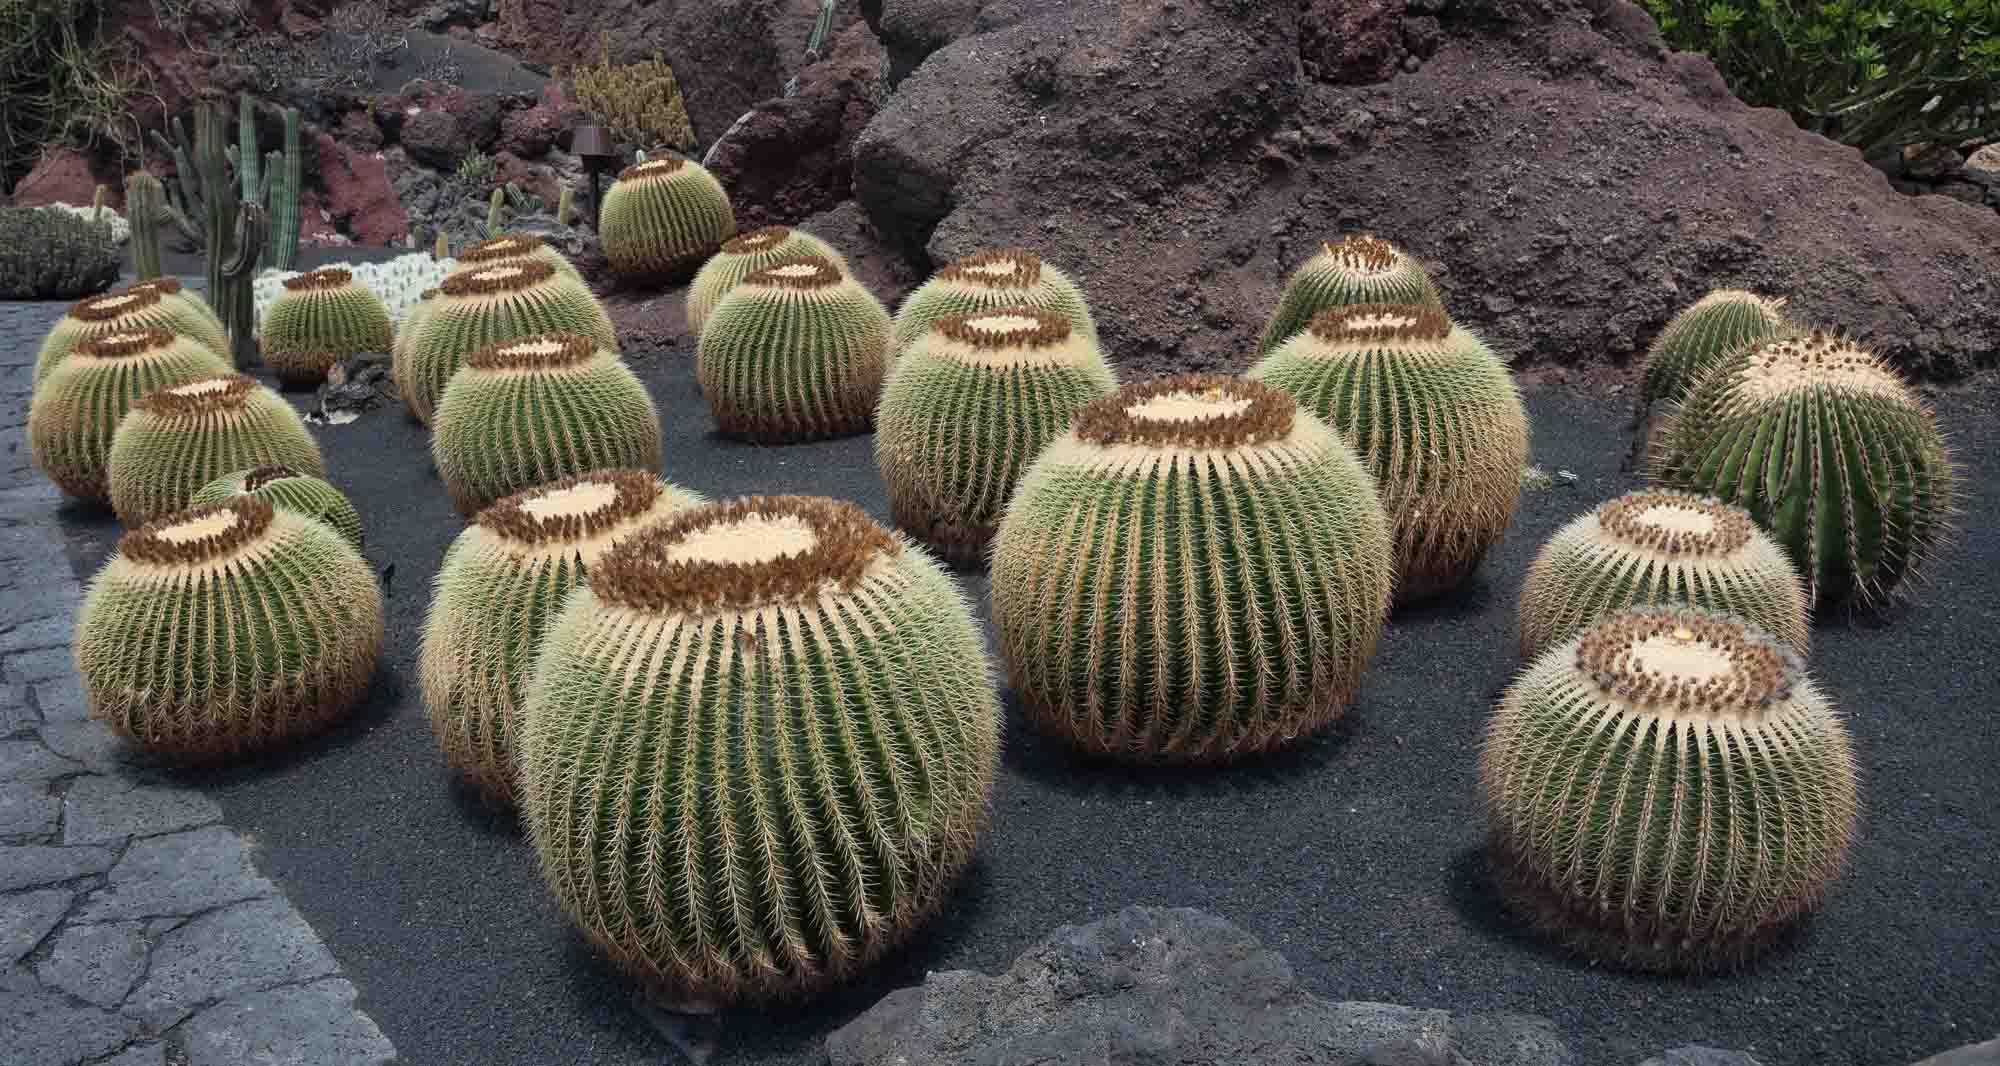 Paisajismo con cactus - Xerojardinería